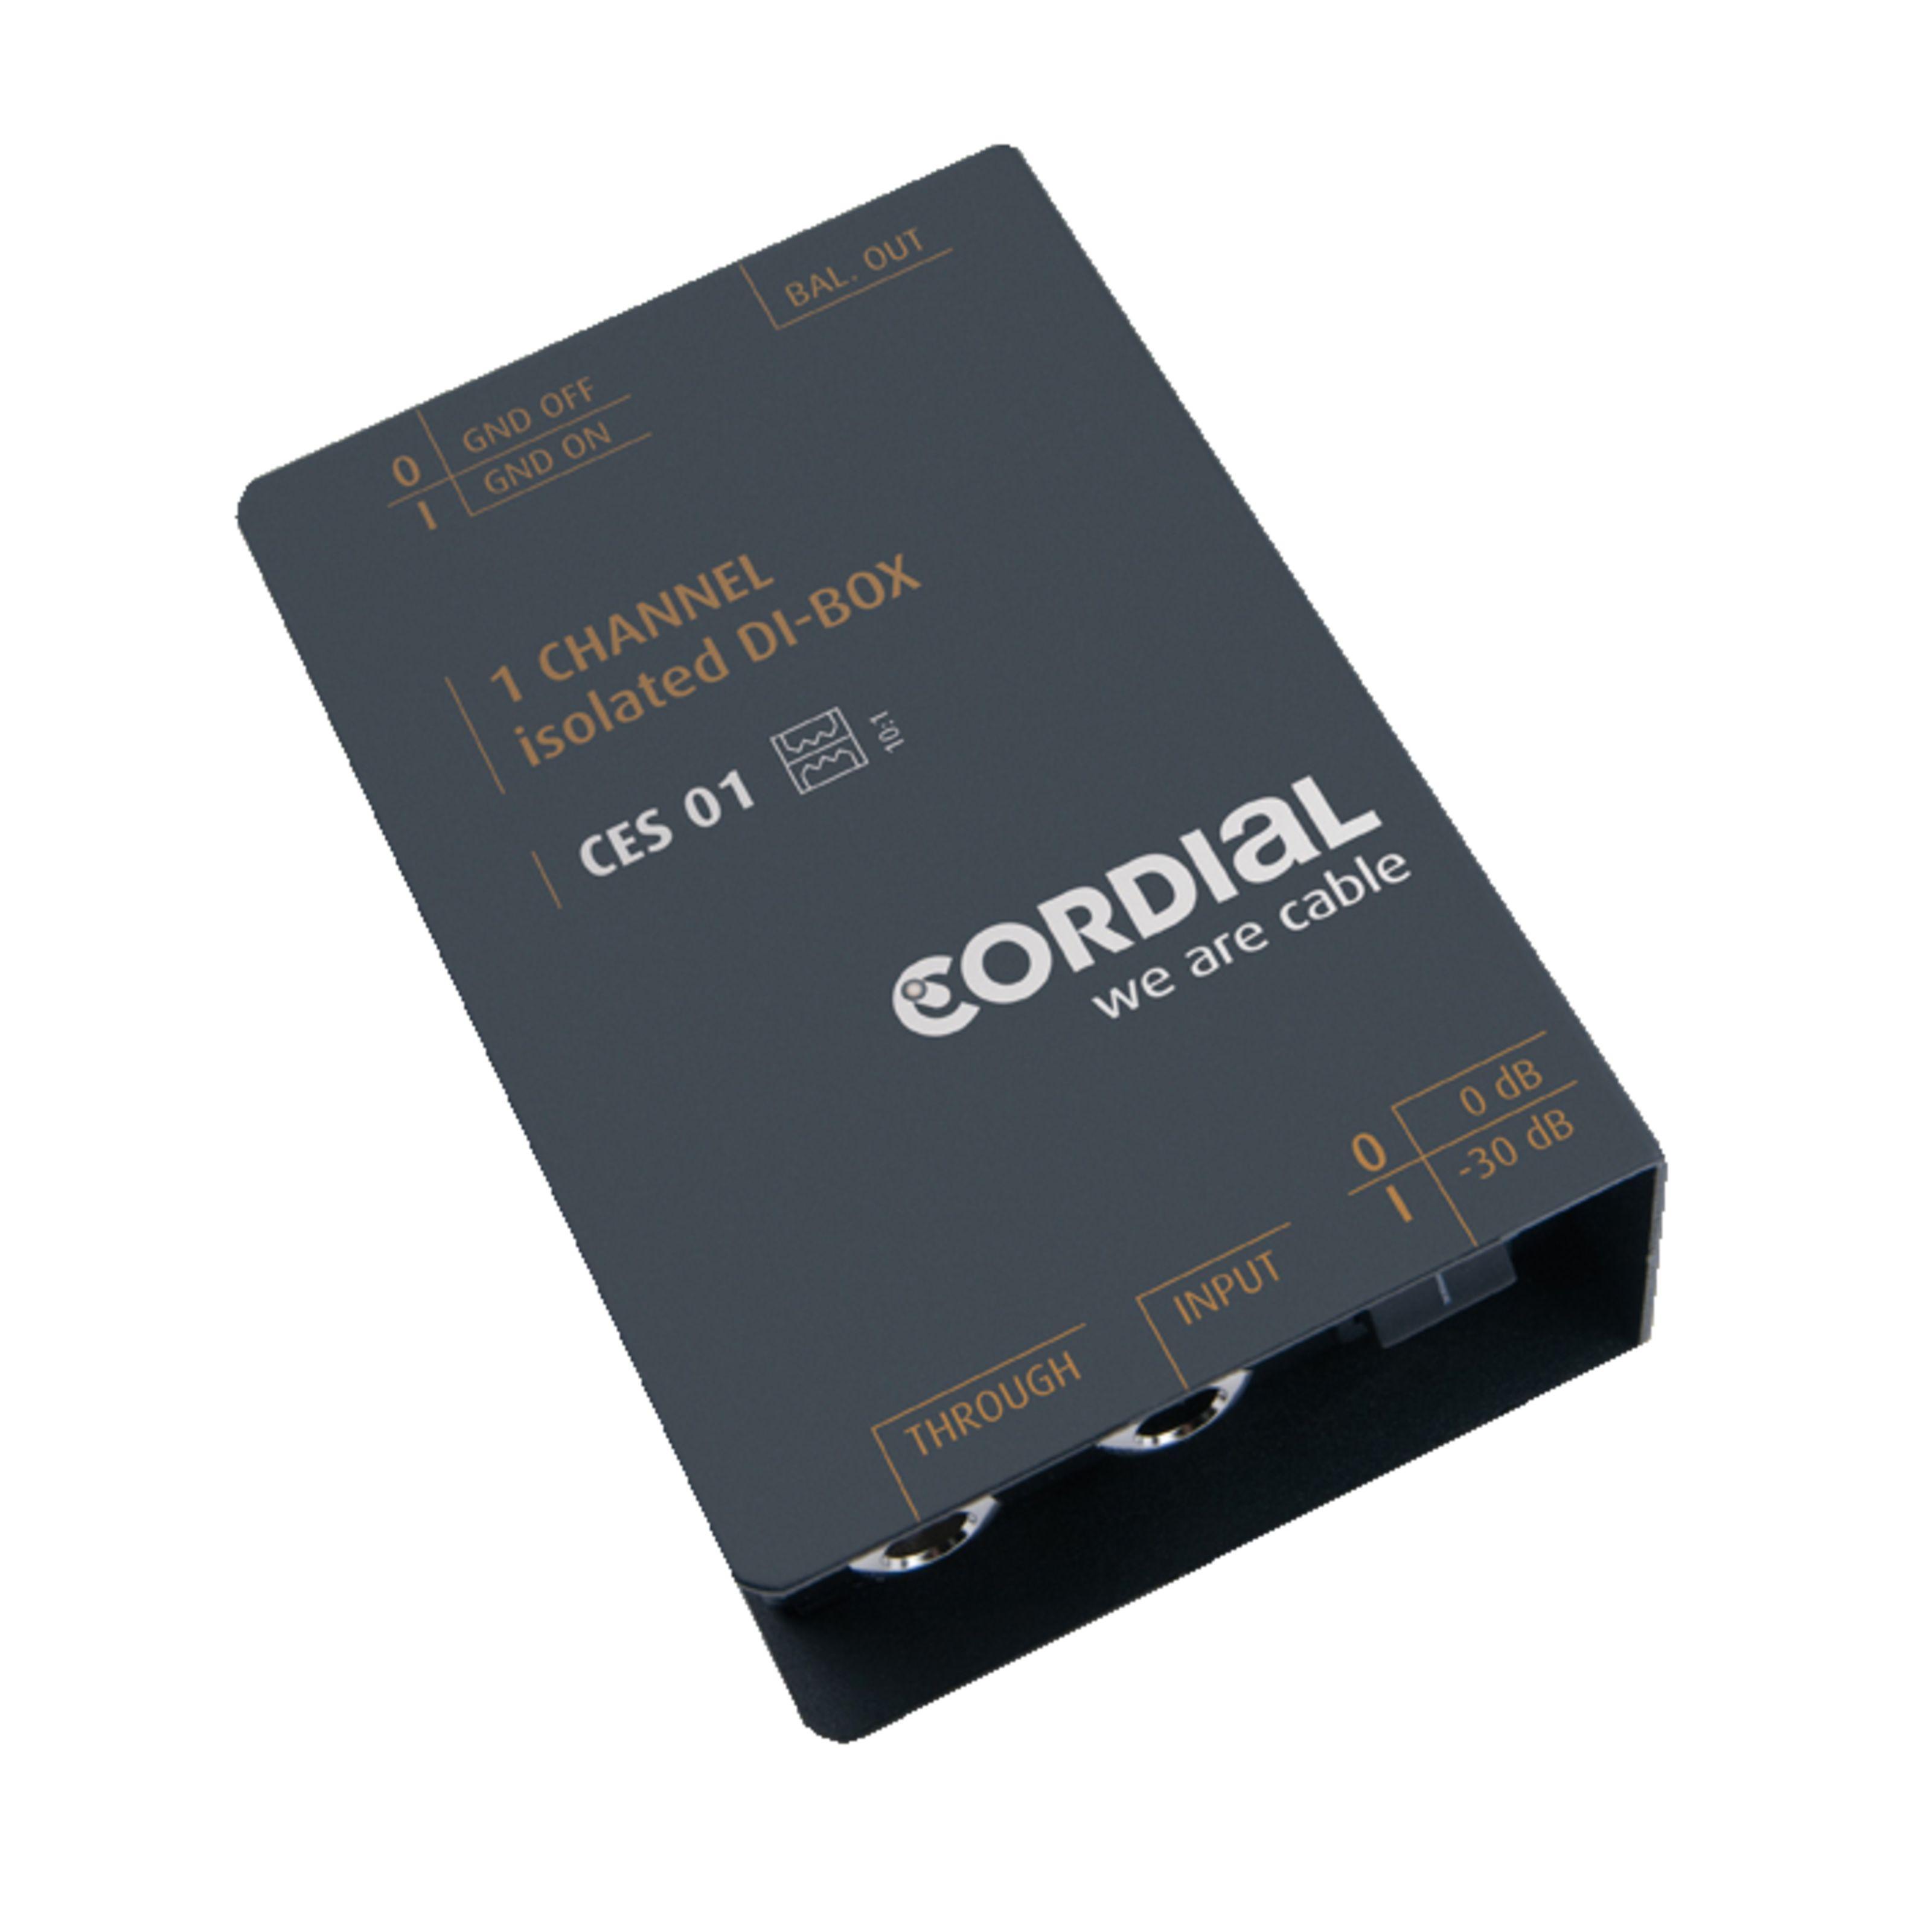 Cordial - CES 01 Einfache DI-Box passiv